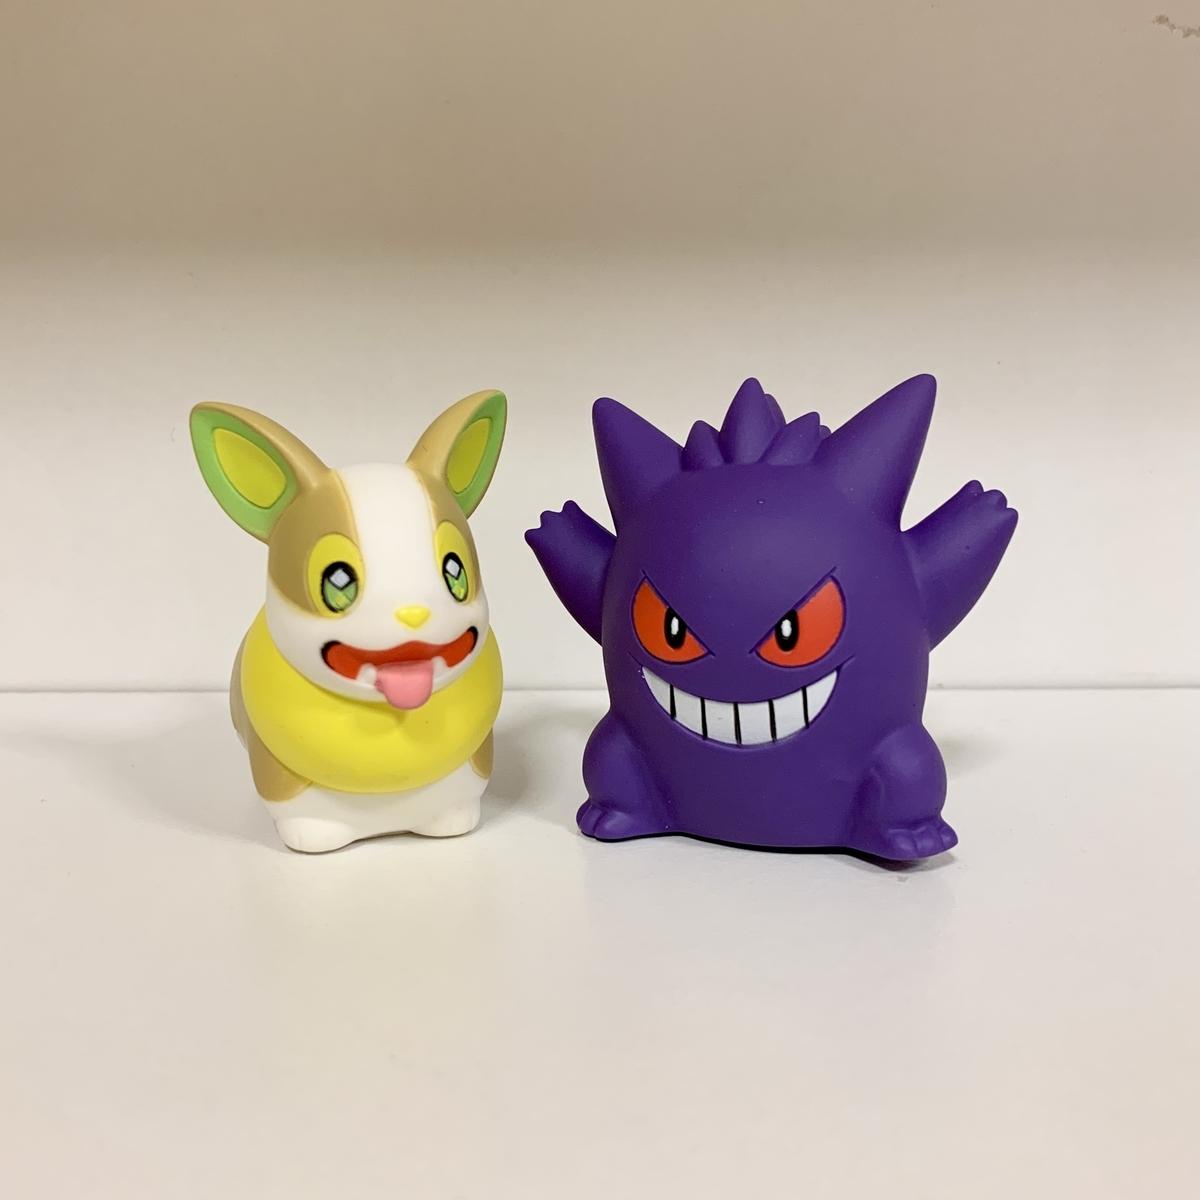 f:id:pikachu_pcn:20201026191441j:plain